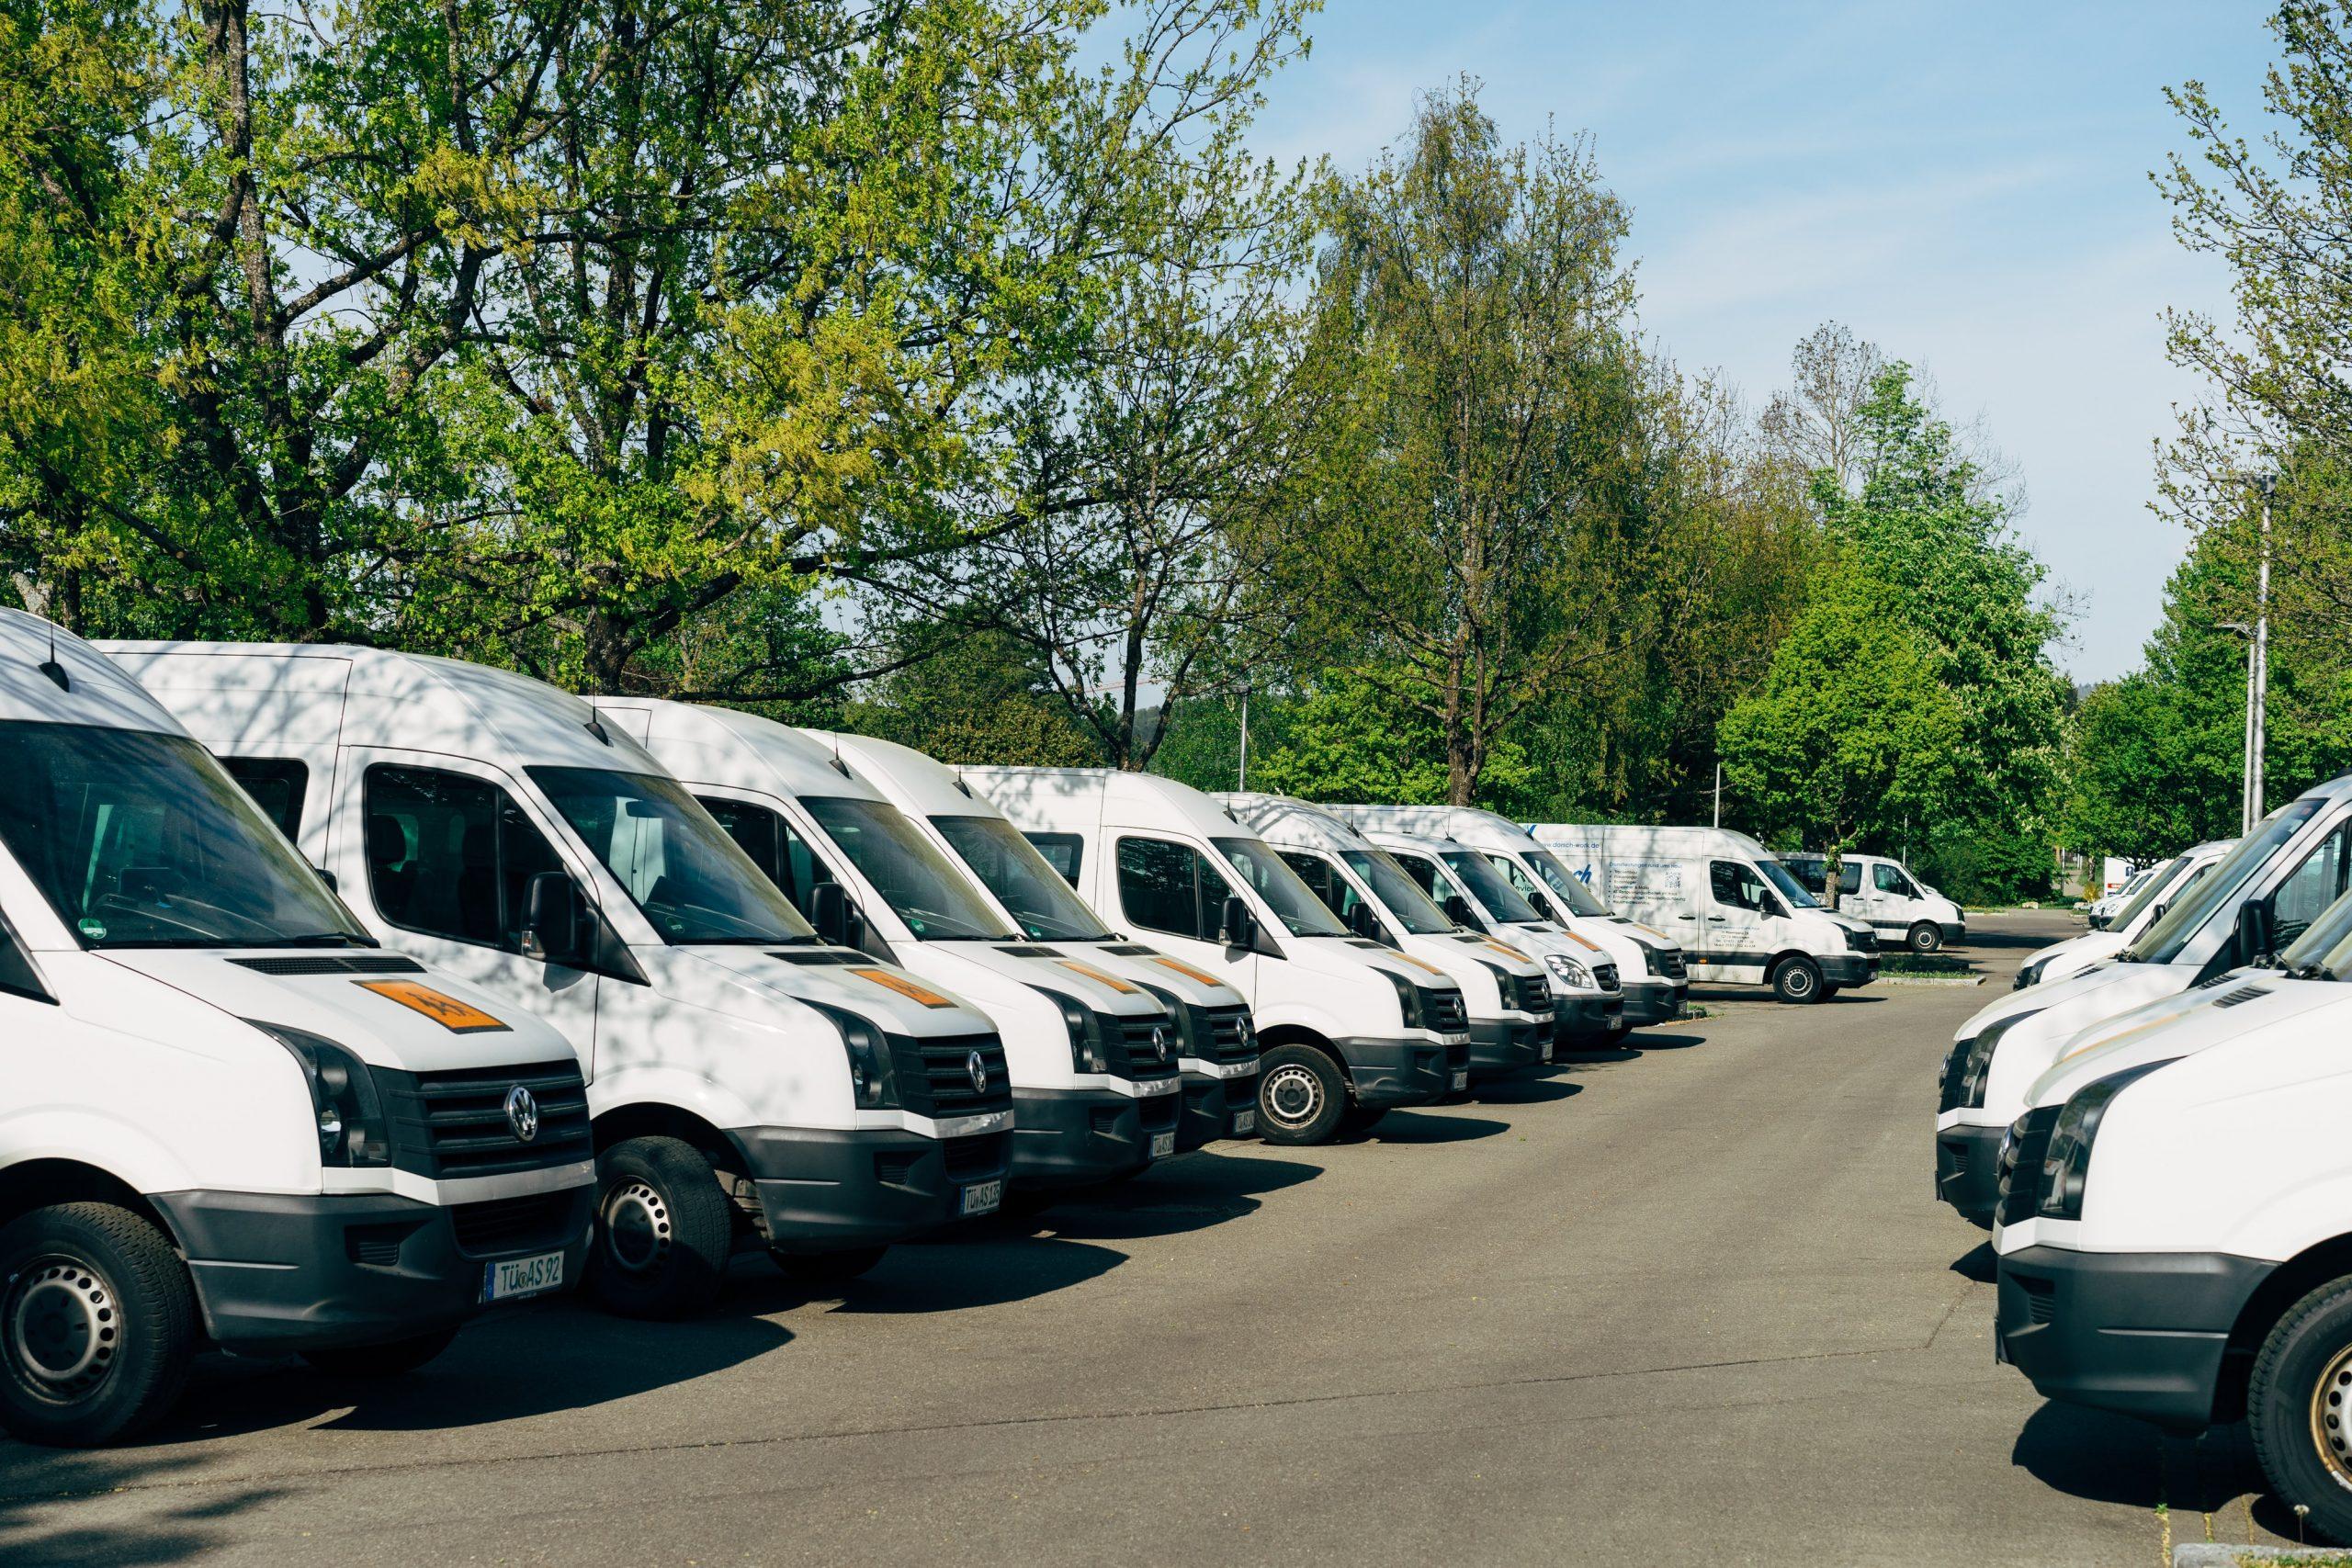 fleet of van lined up in yard